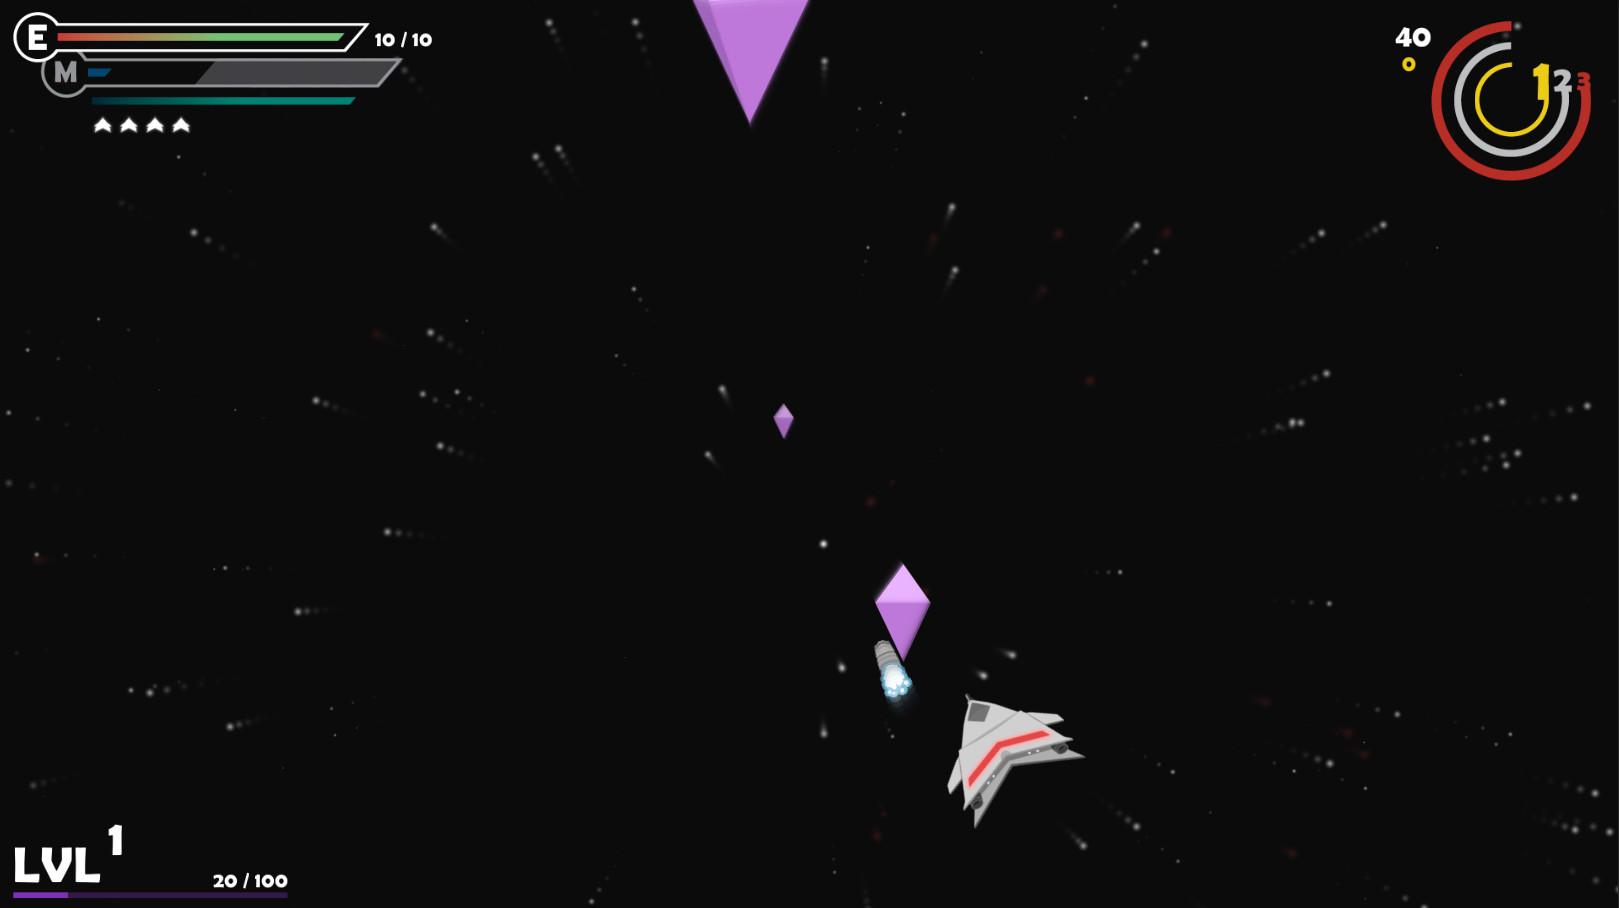 Unbound Universe - Missile Shot